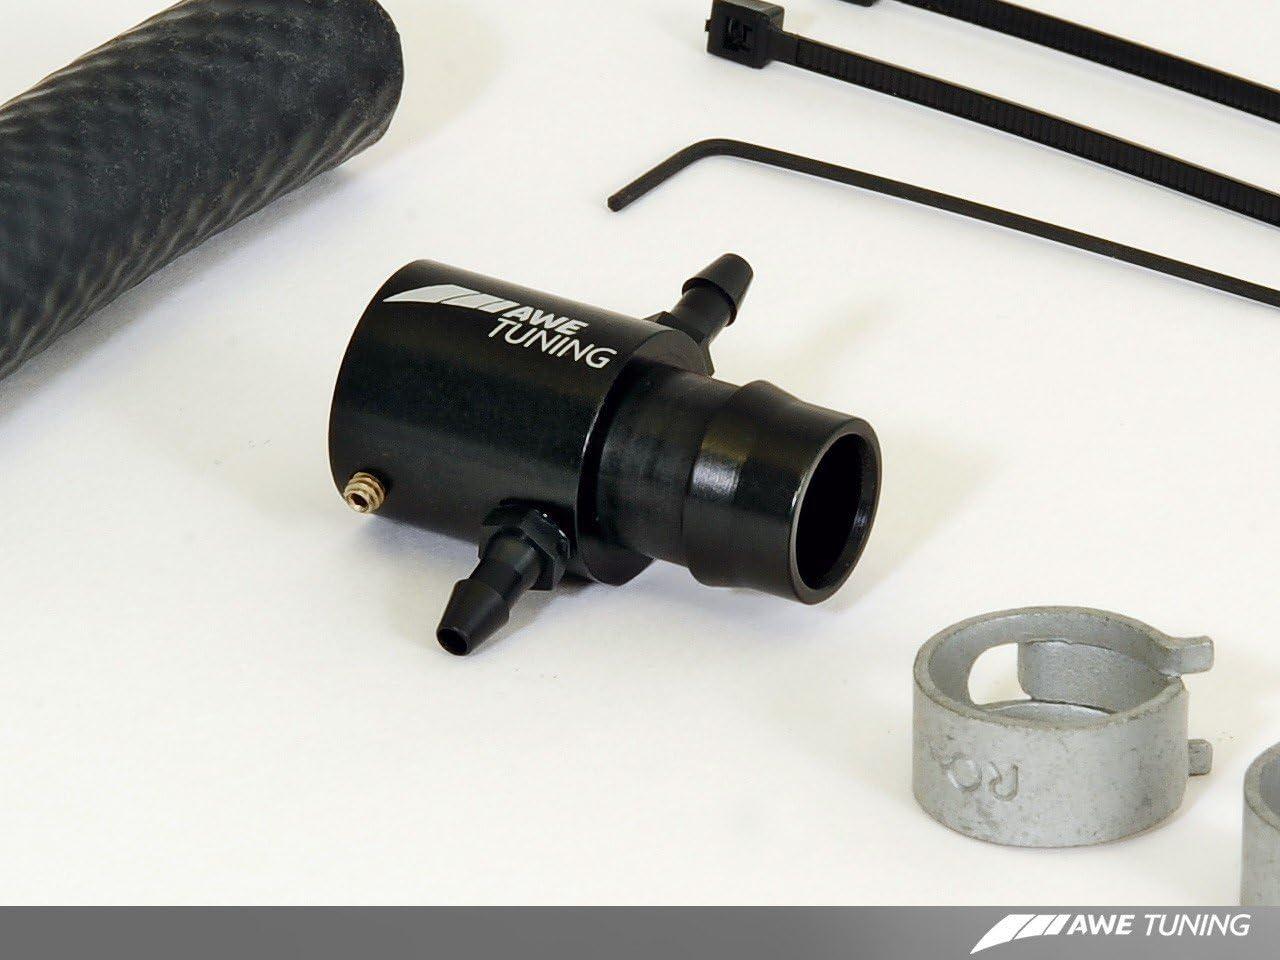 AWE Tuning 1810-11010 Audi B8.5 2.0T Boost Tap